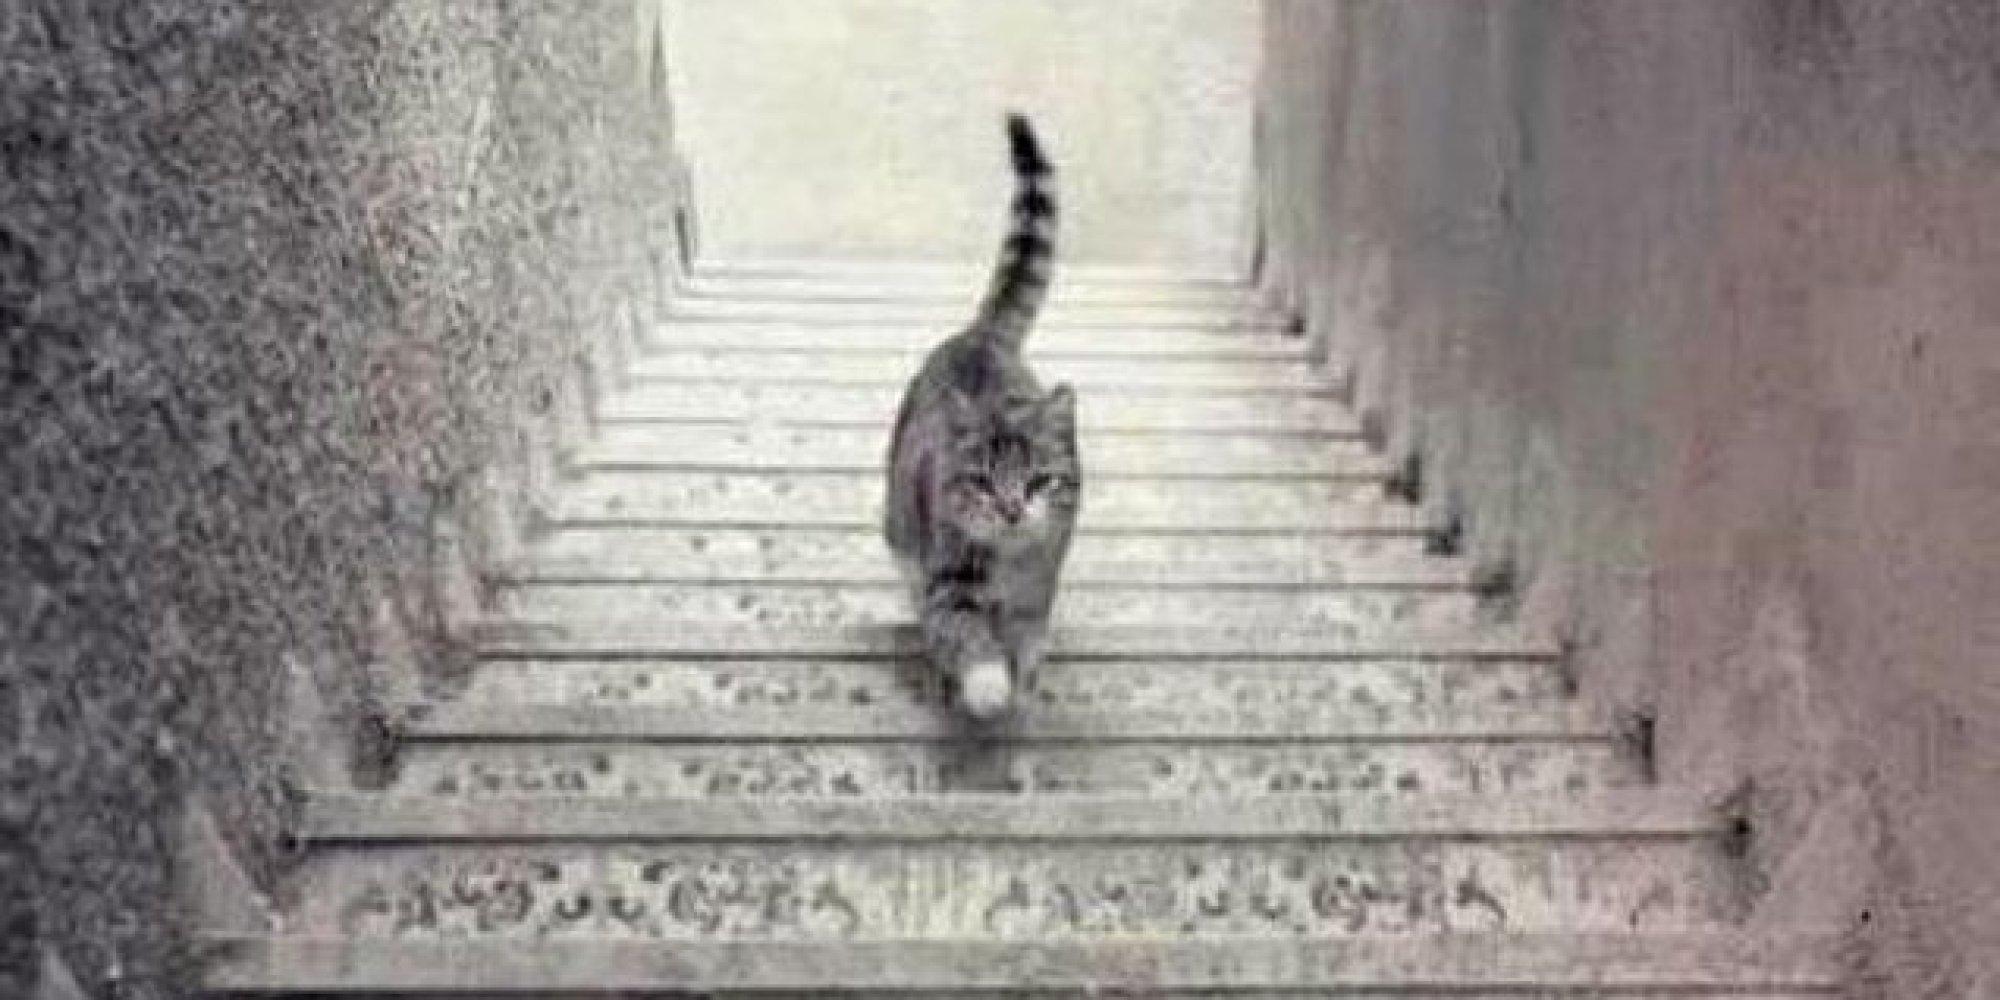 Twitter: Twitter: Crees que este gato sube o baja las escaleras? El